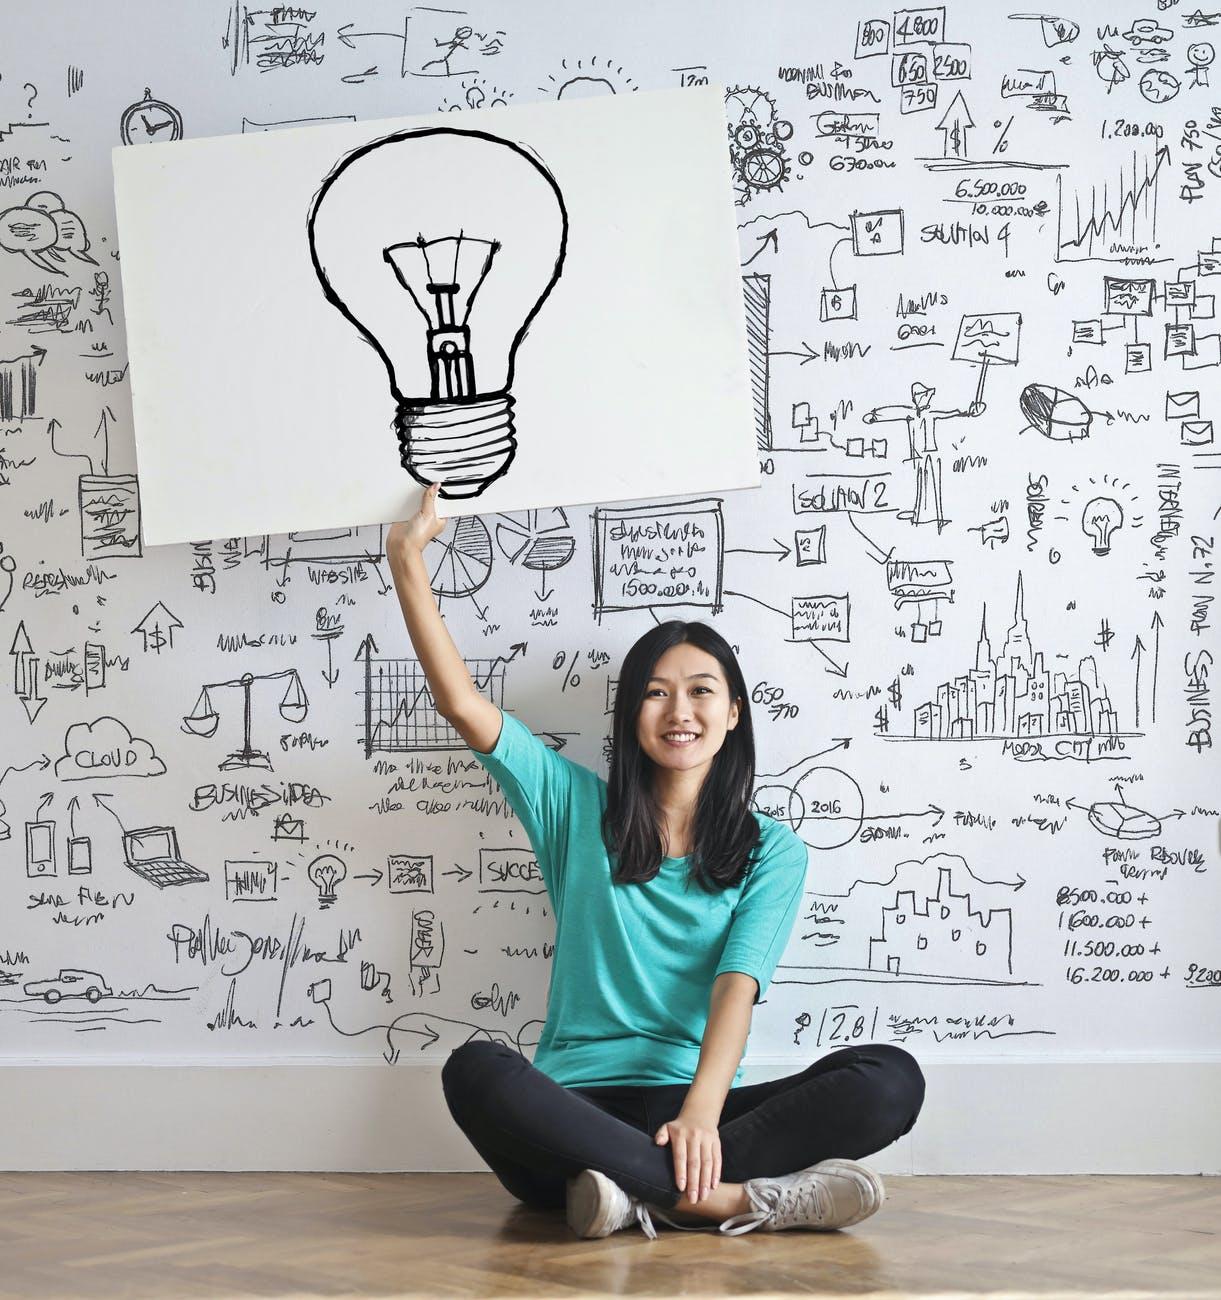 Innovación en las mejores mentes del negocio